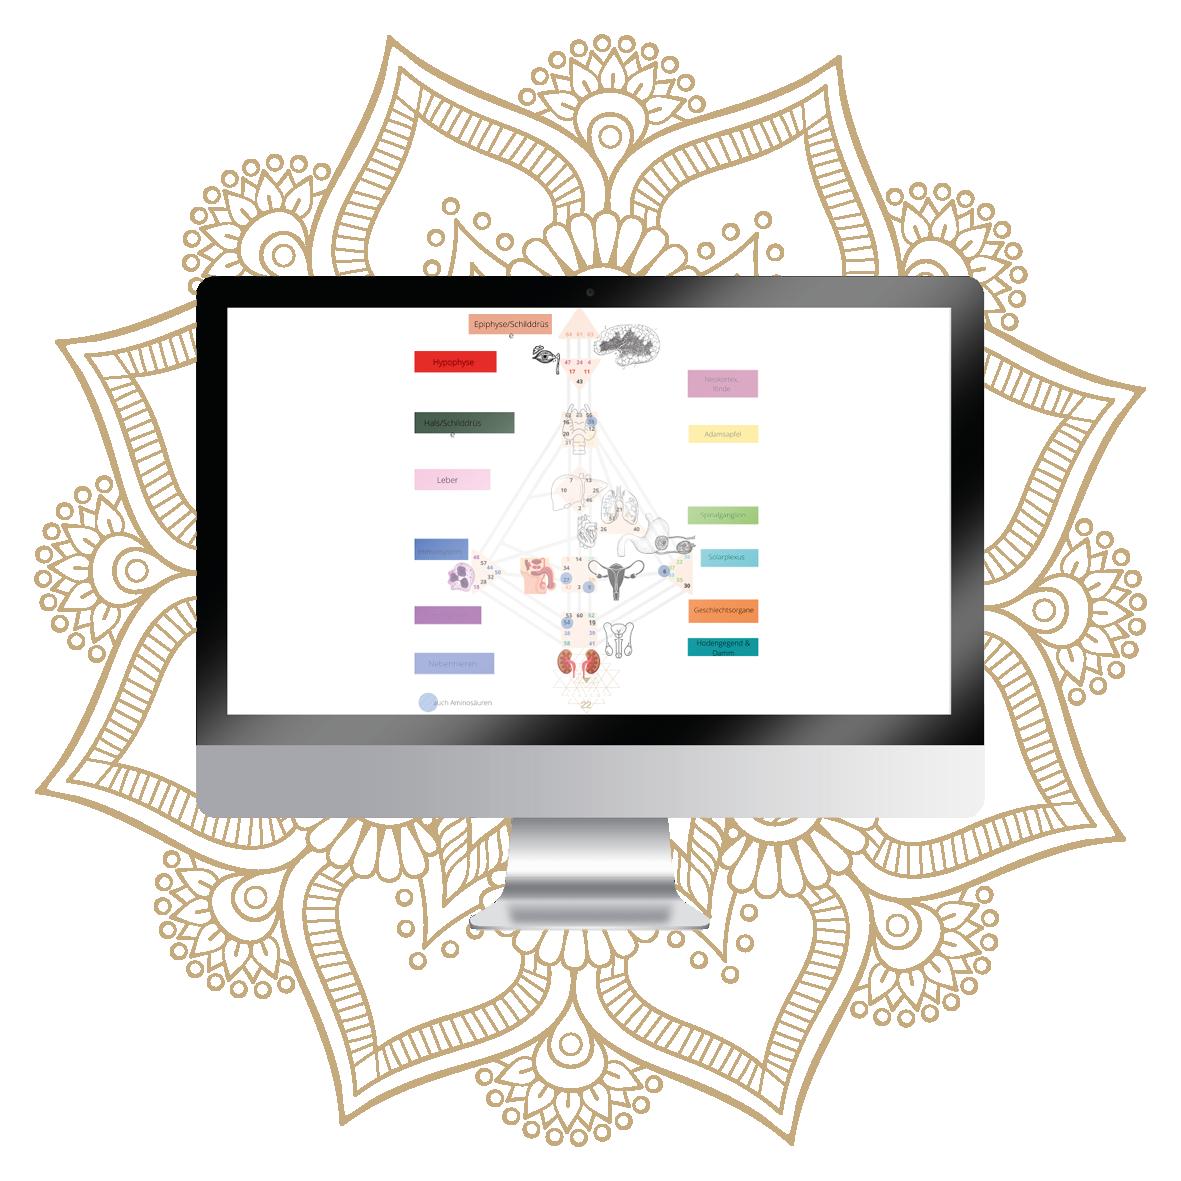 Selbstentdeckung Human Design Genetik PDF-Einblick in den Kurs